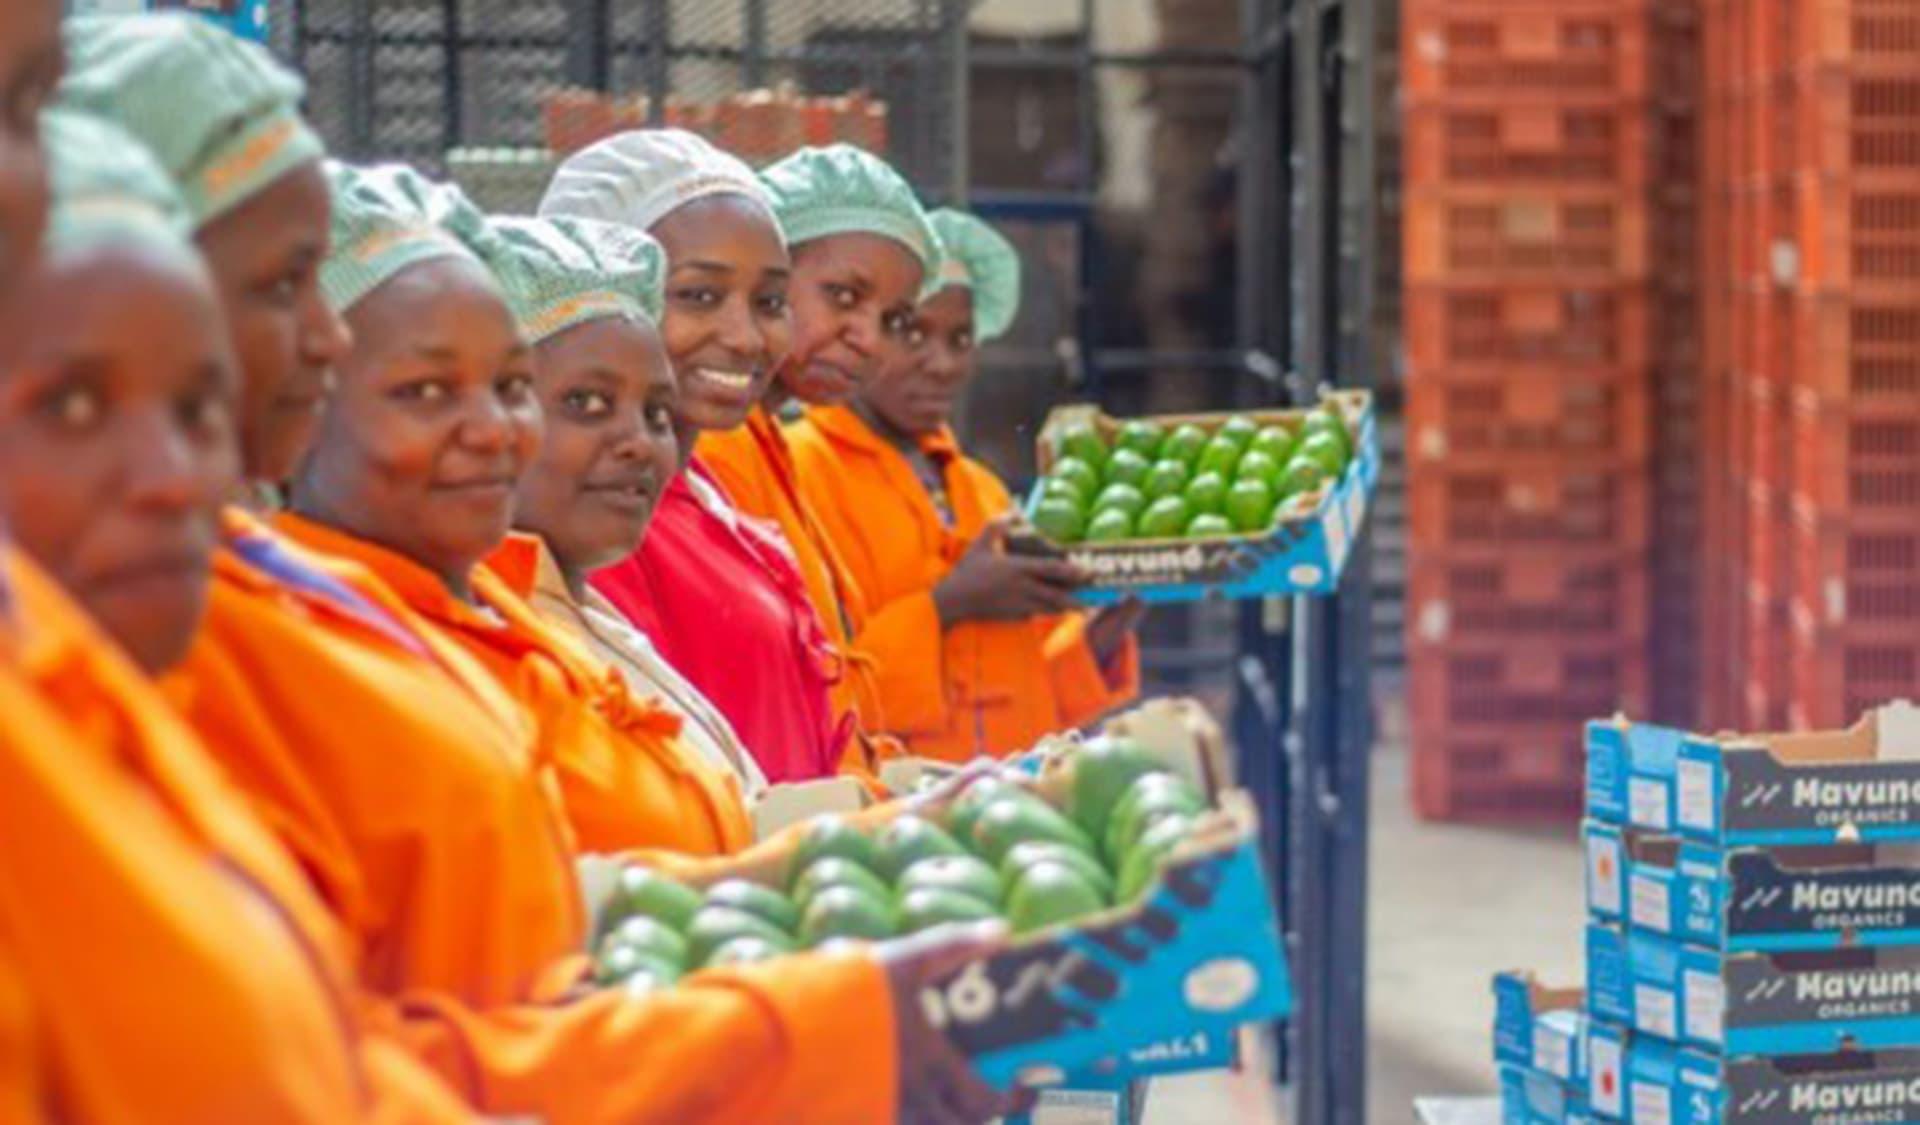 Angestellte eines kenianischen Avocado-Lieferanten